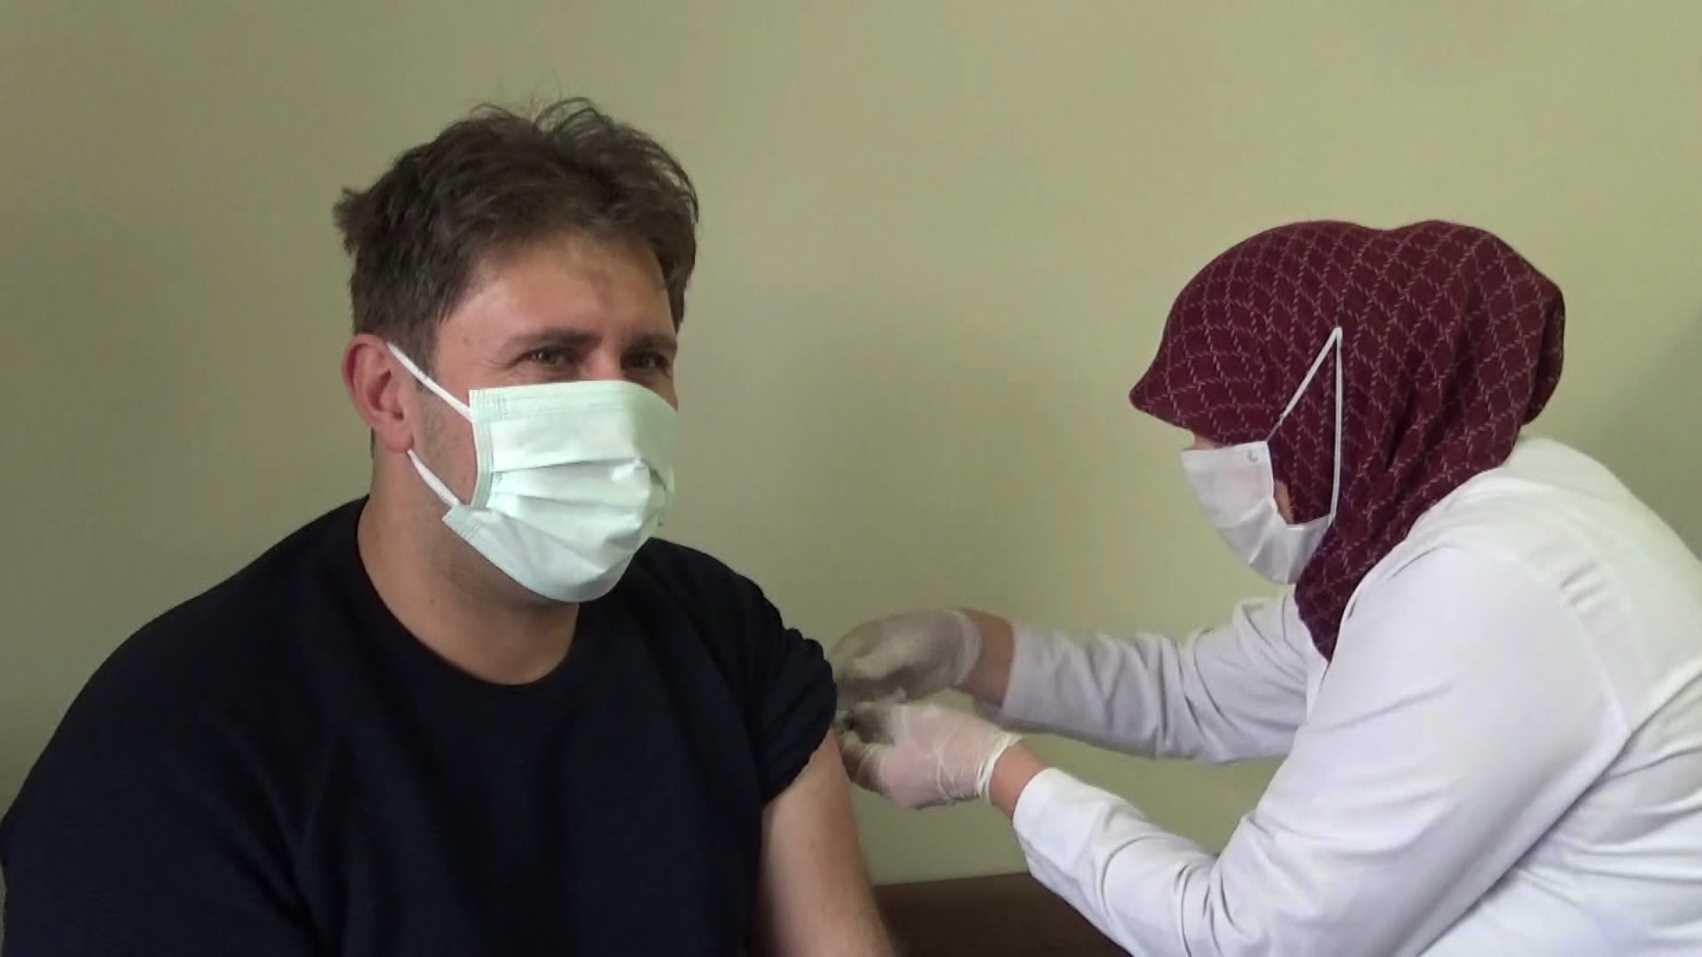 Iğdır'da korona virüs aşısı sağlık çalışanlarına uygulandı